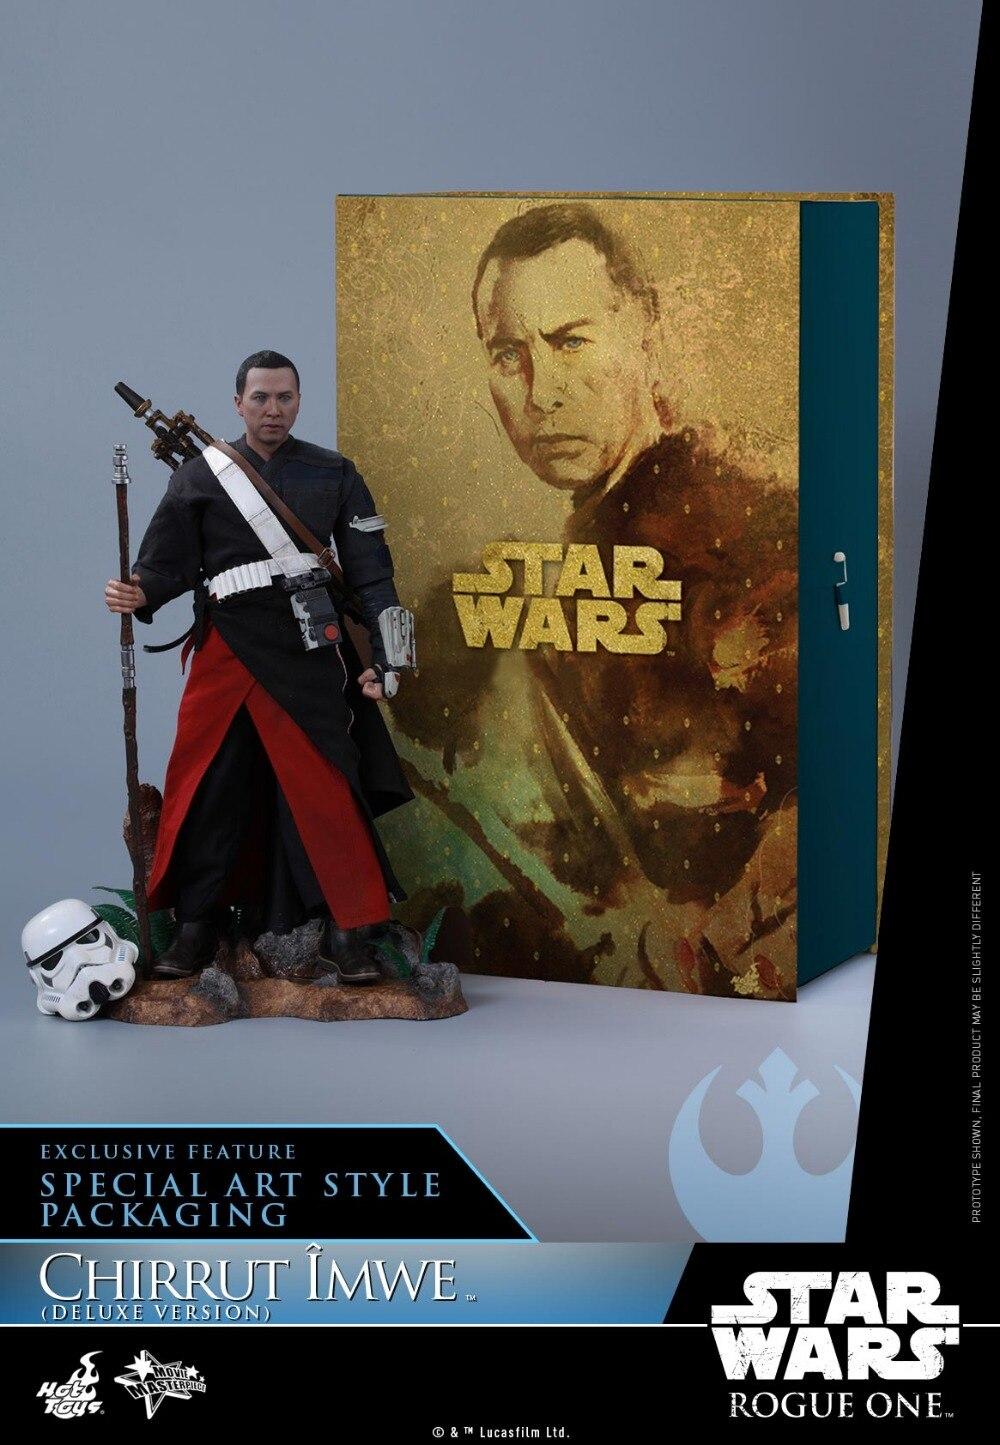 Jouets chauds Rogue One: une histoire de Star Wars 1/6 échelle Chirrut Imwe Donnie Yen ensemble de figurines à collectionner